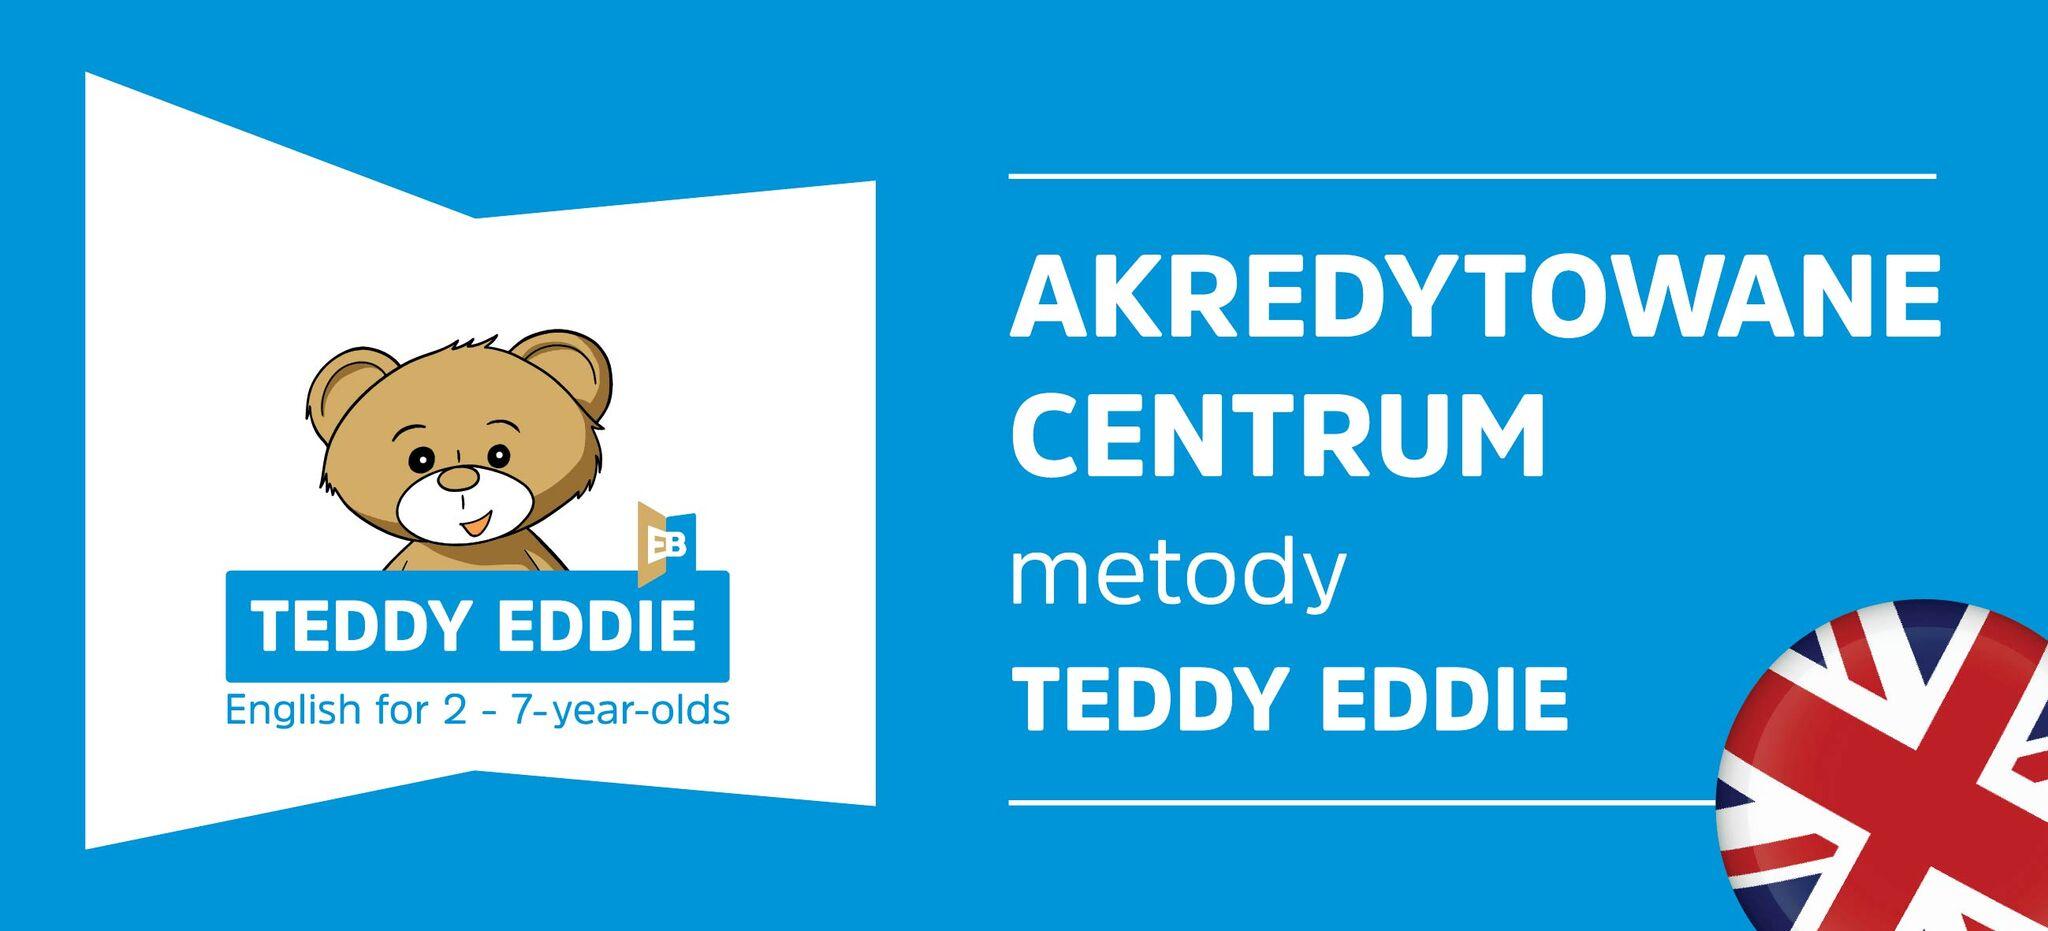 ŚWIAT JĘZYKÓW AKREDYTOWANYM OŚRODKIEM LICENCJONOWANEJ METODY TEDDY EDDIE